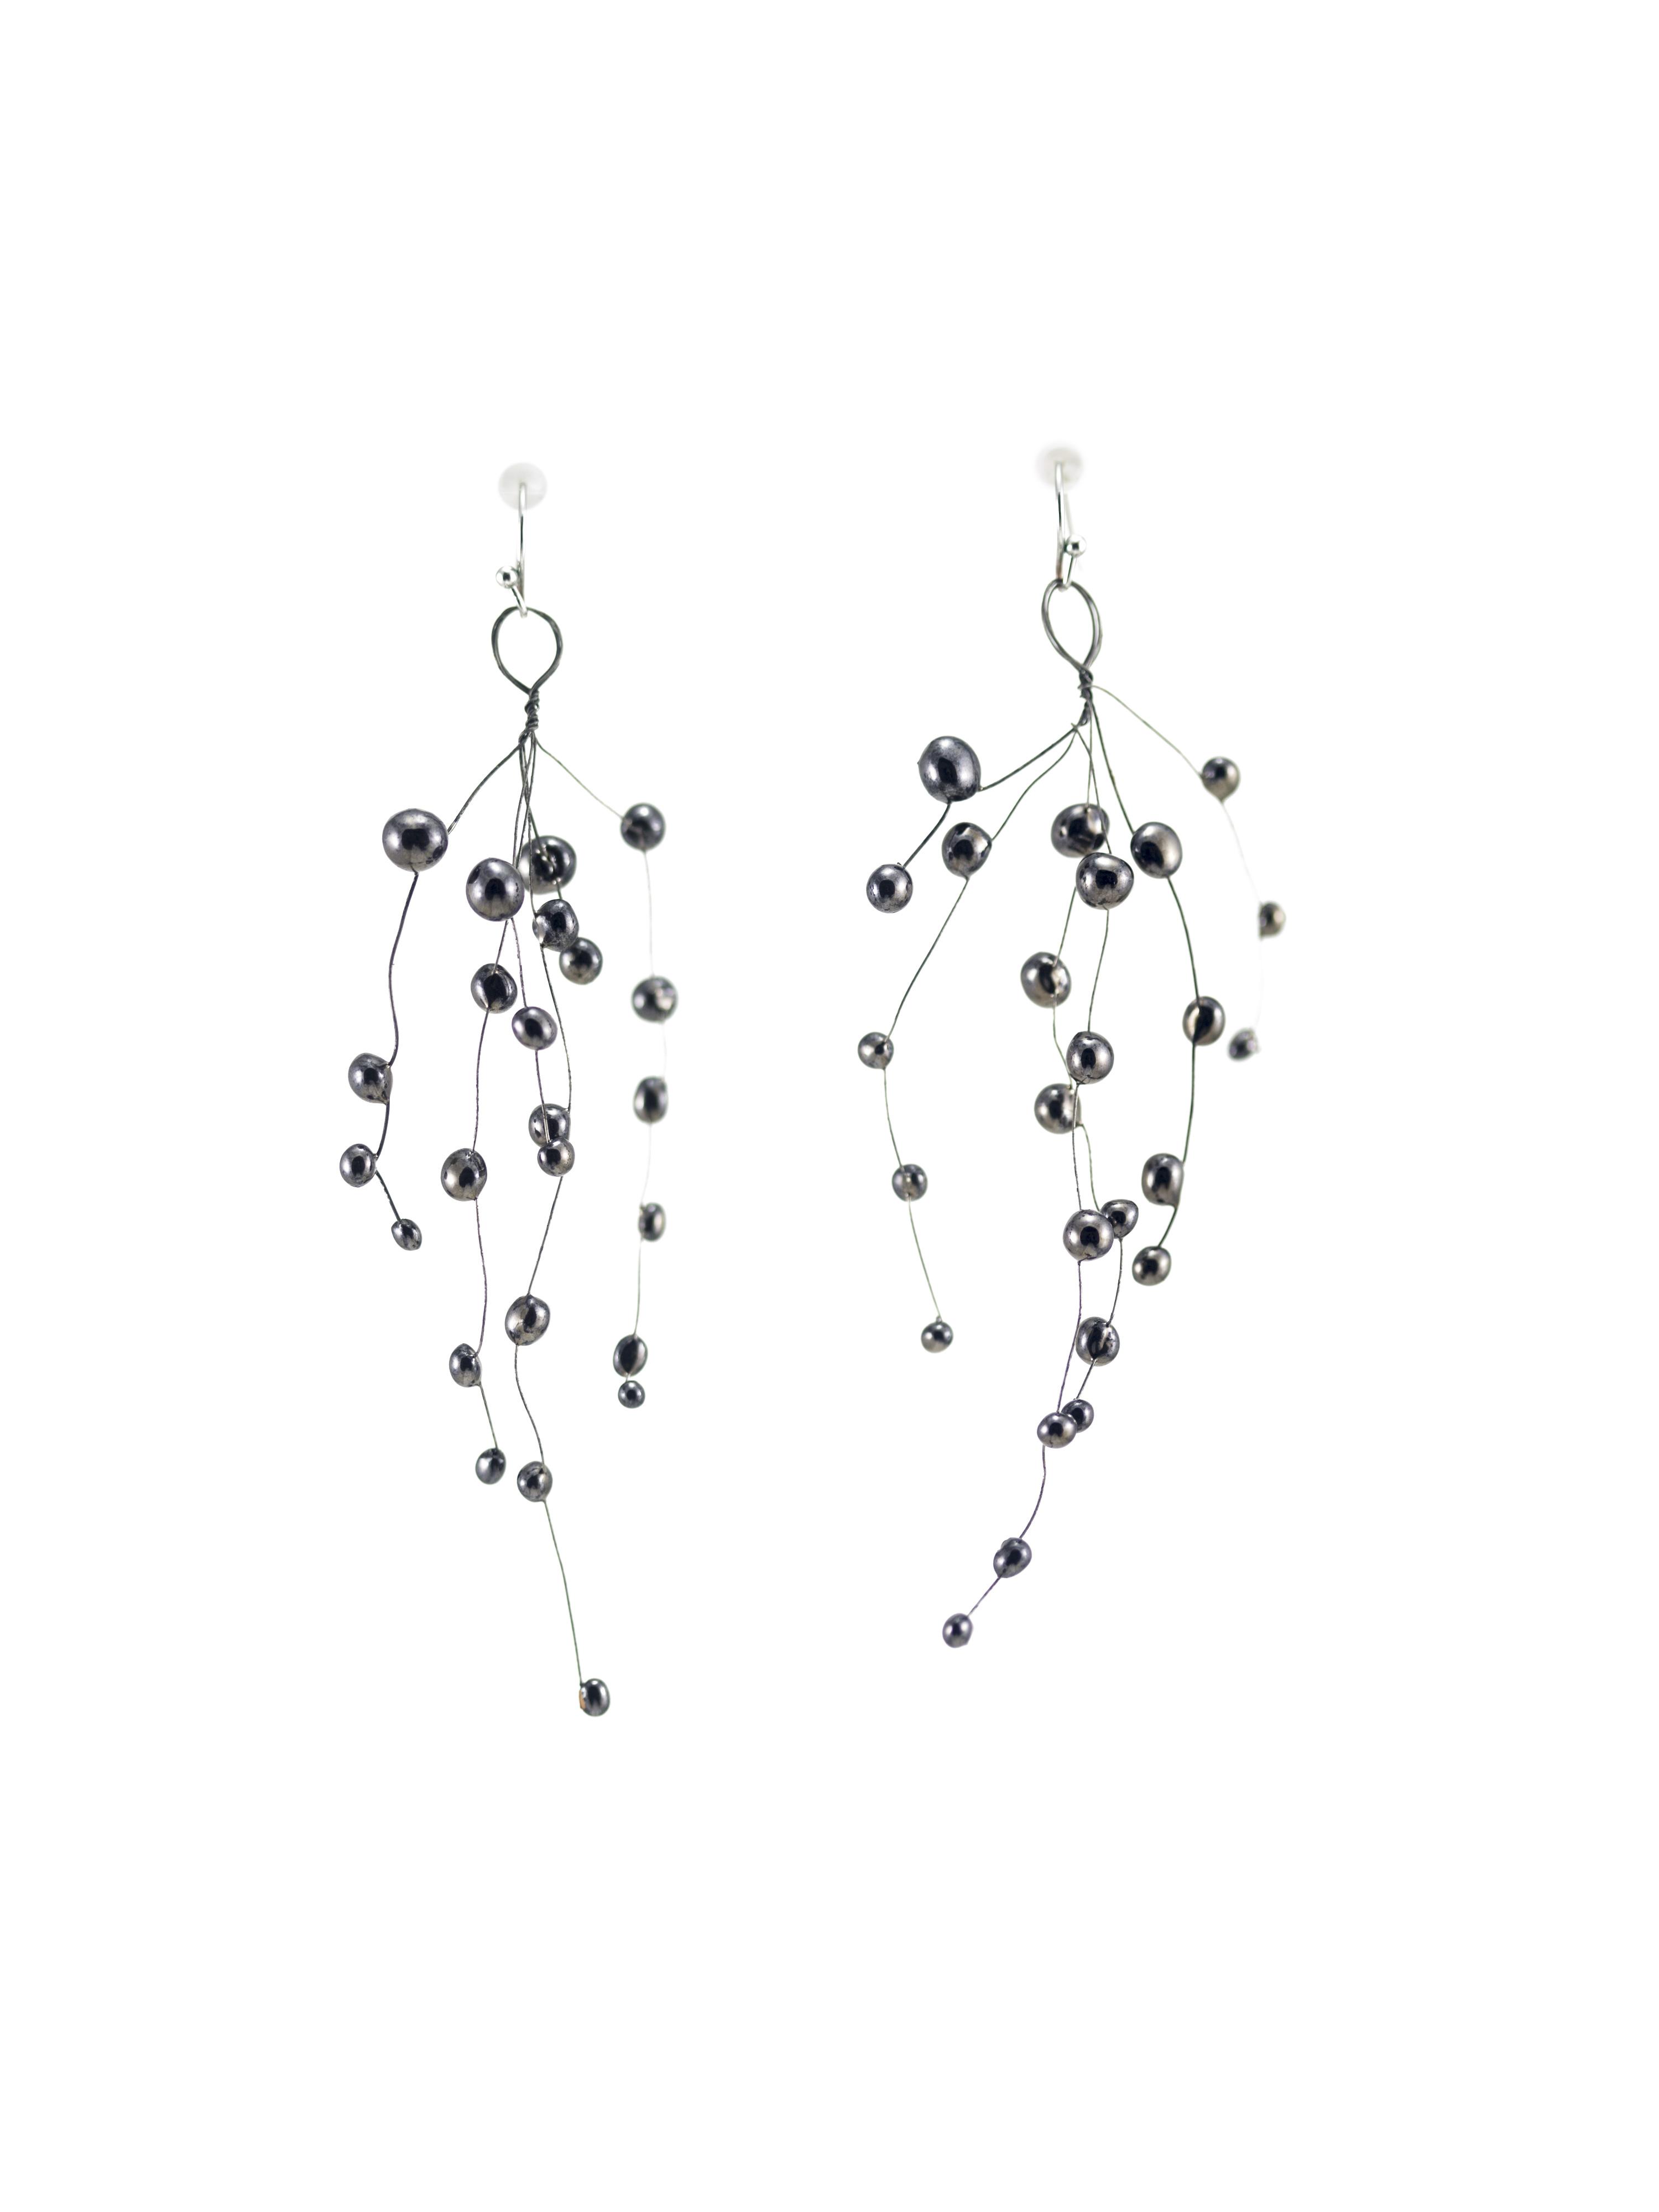 Coppia di orecchini pendenti in ceramica e metallo, leggerissimi e di colore nero.